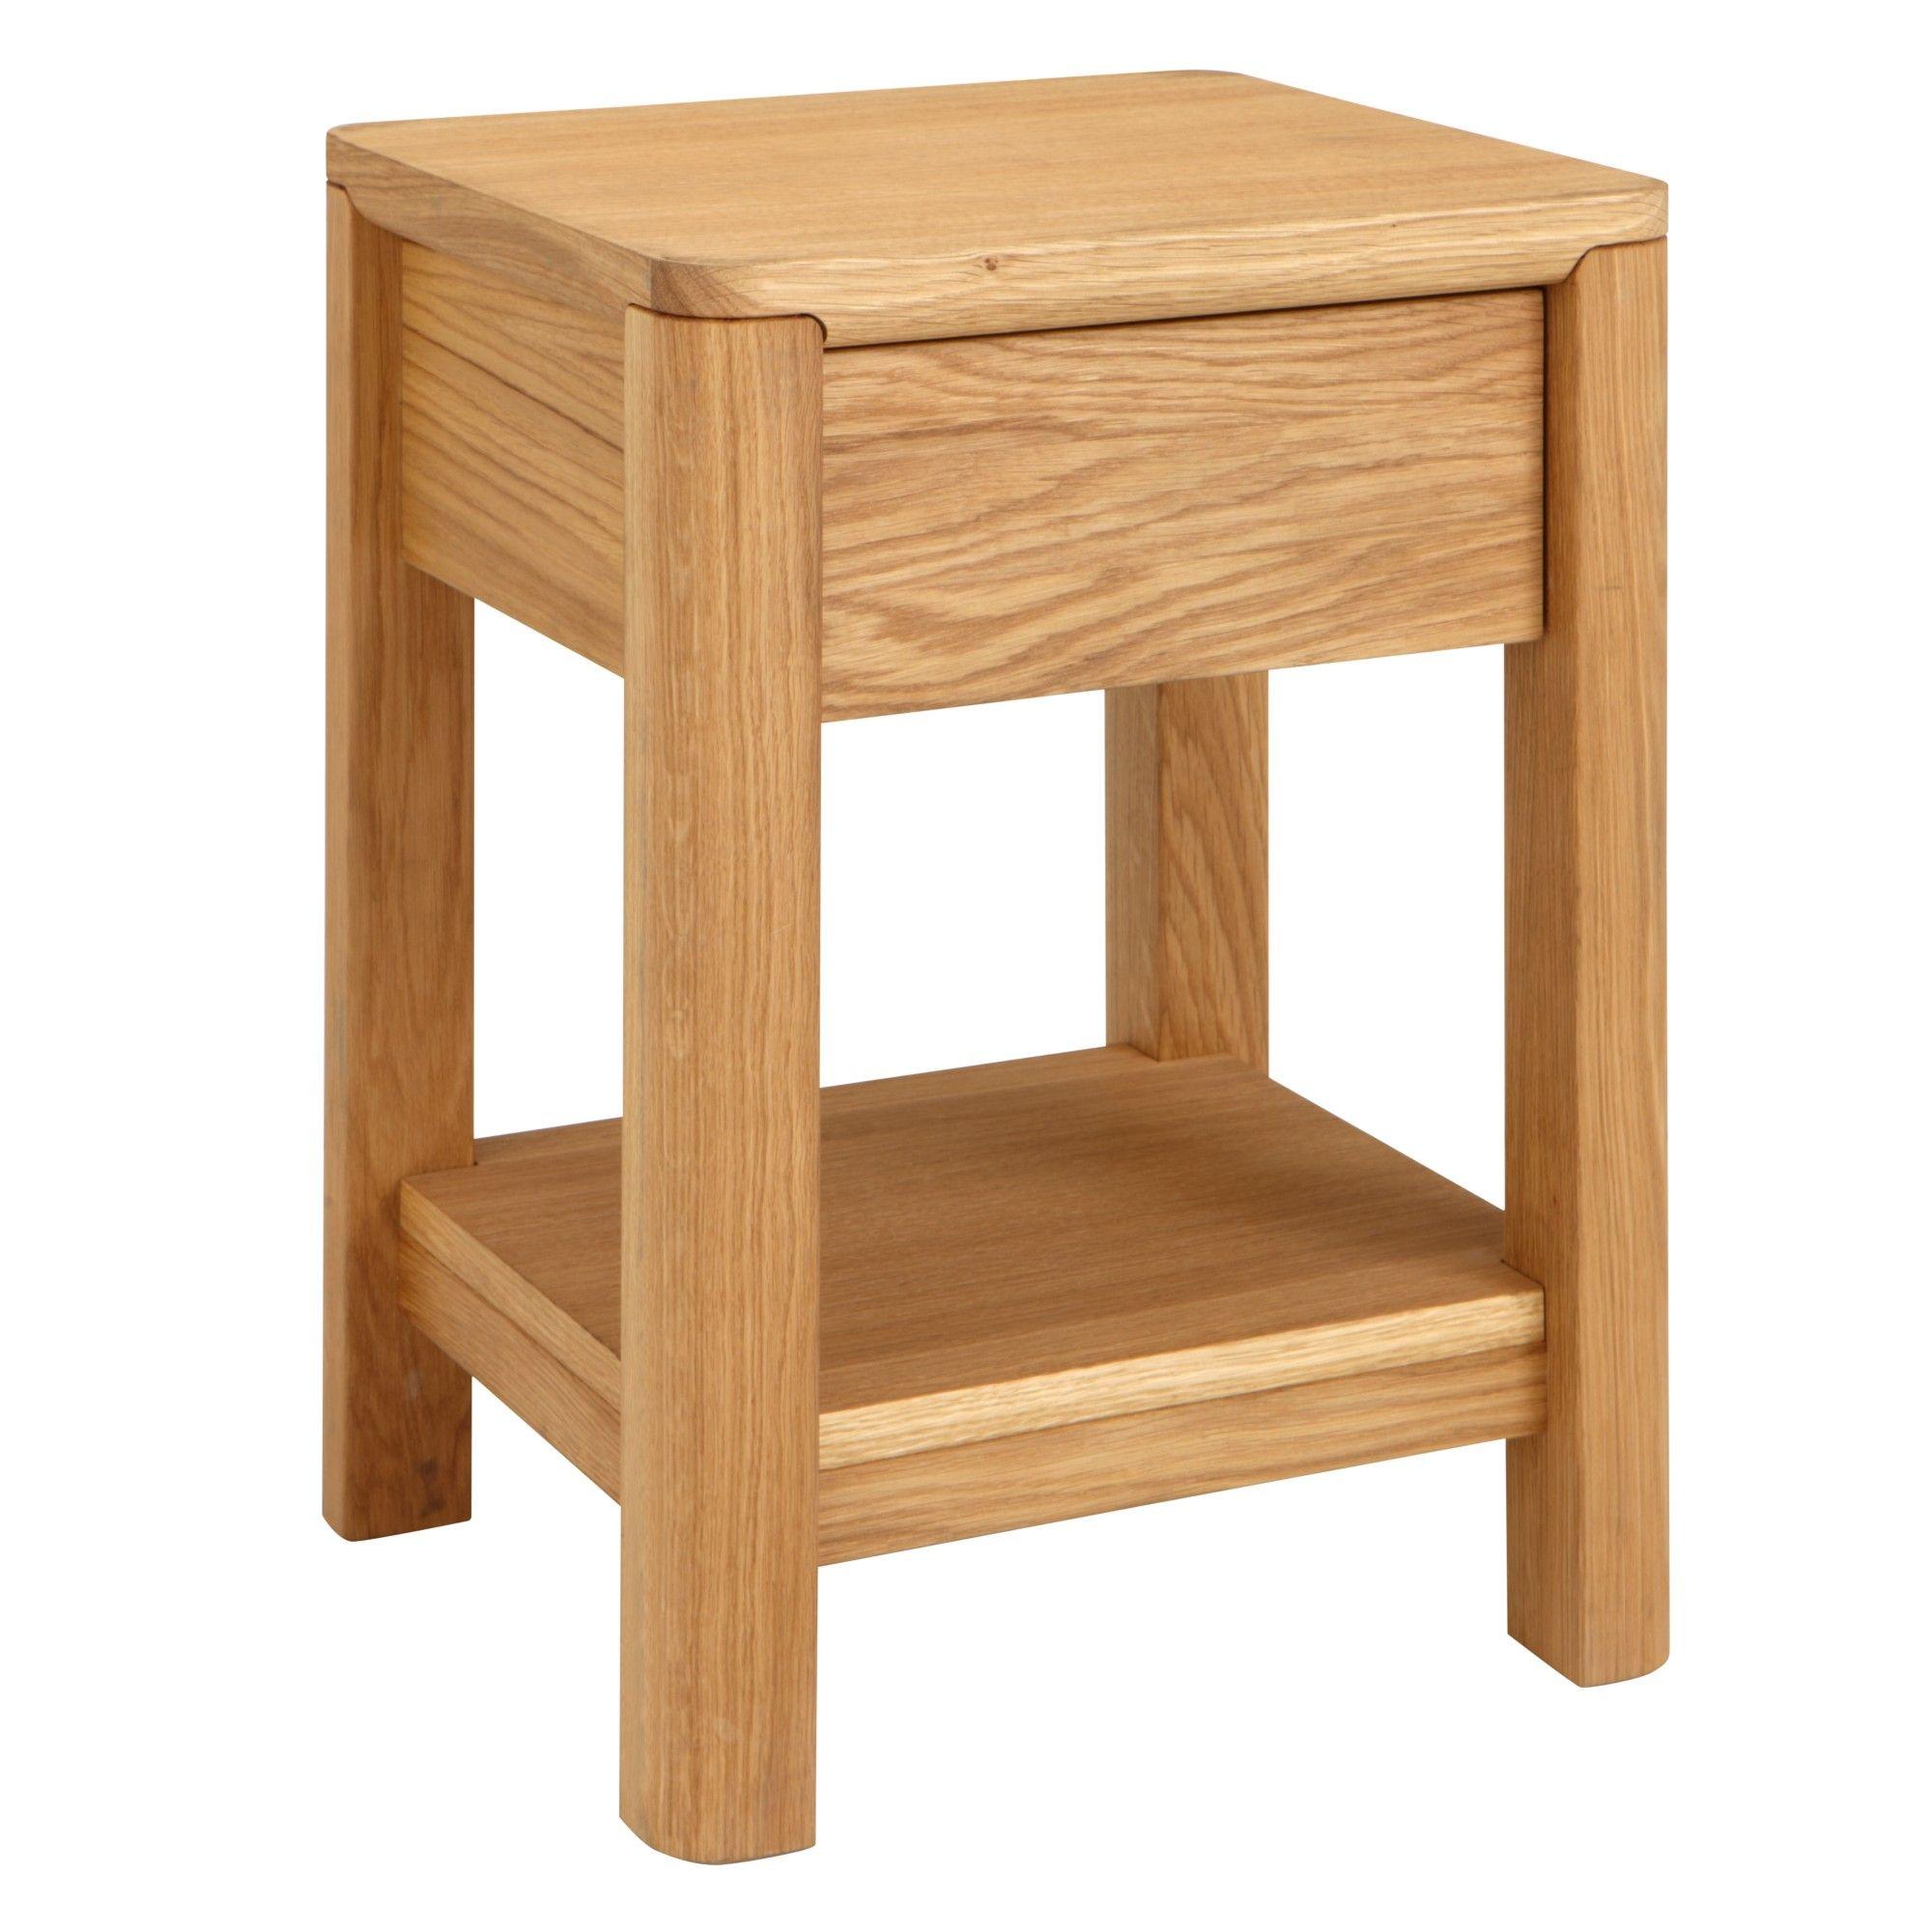 John Lewis Seymour Side Table, Oiled Oak